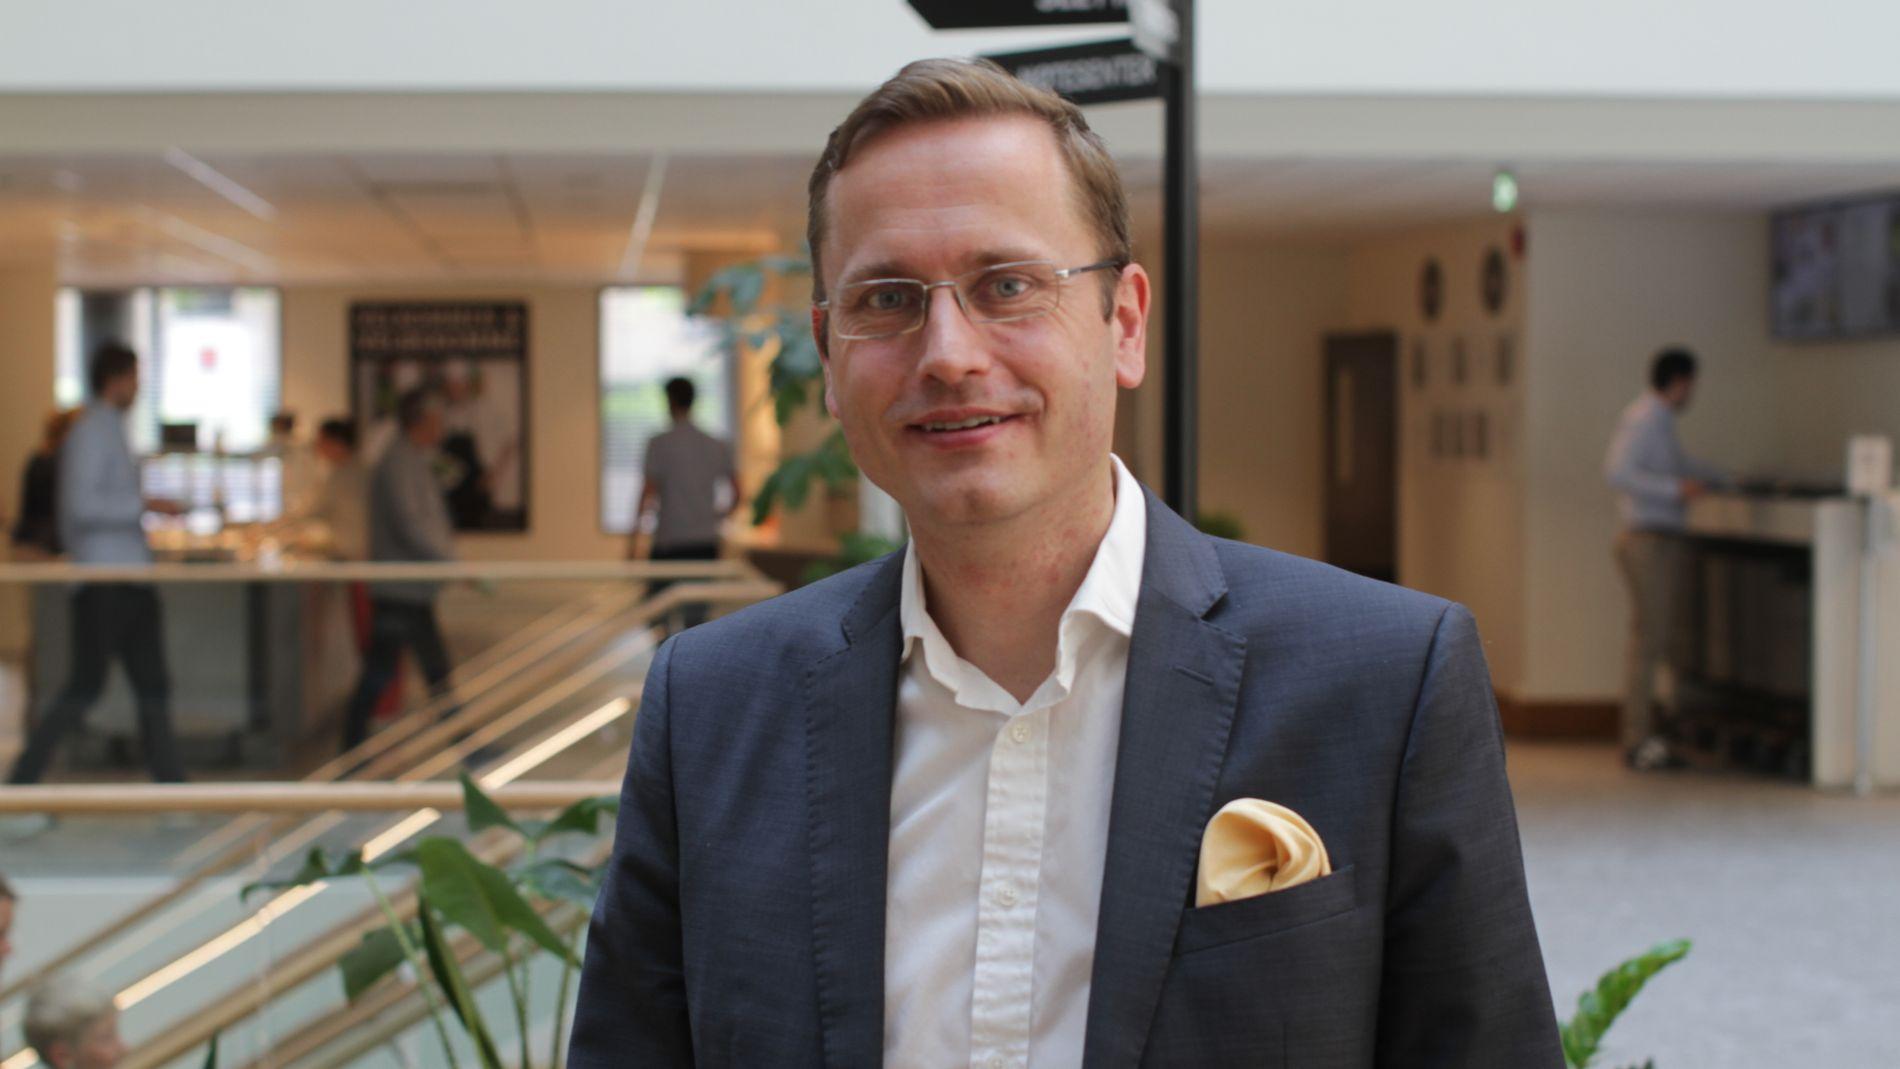 NY ALLIANSE: Snorre Storset, toppsjef i Nordea Norge, allierer seg med en annen storbank for å vinne kampen om mobilbetaling. Arkivbilde.